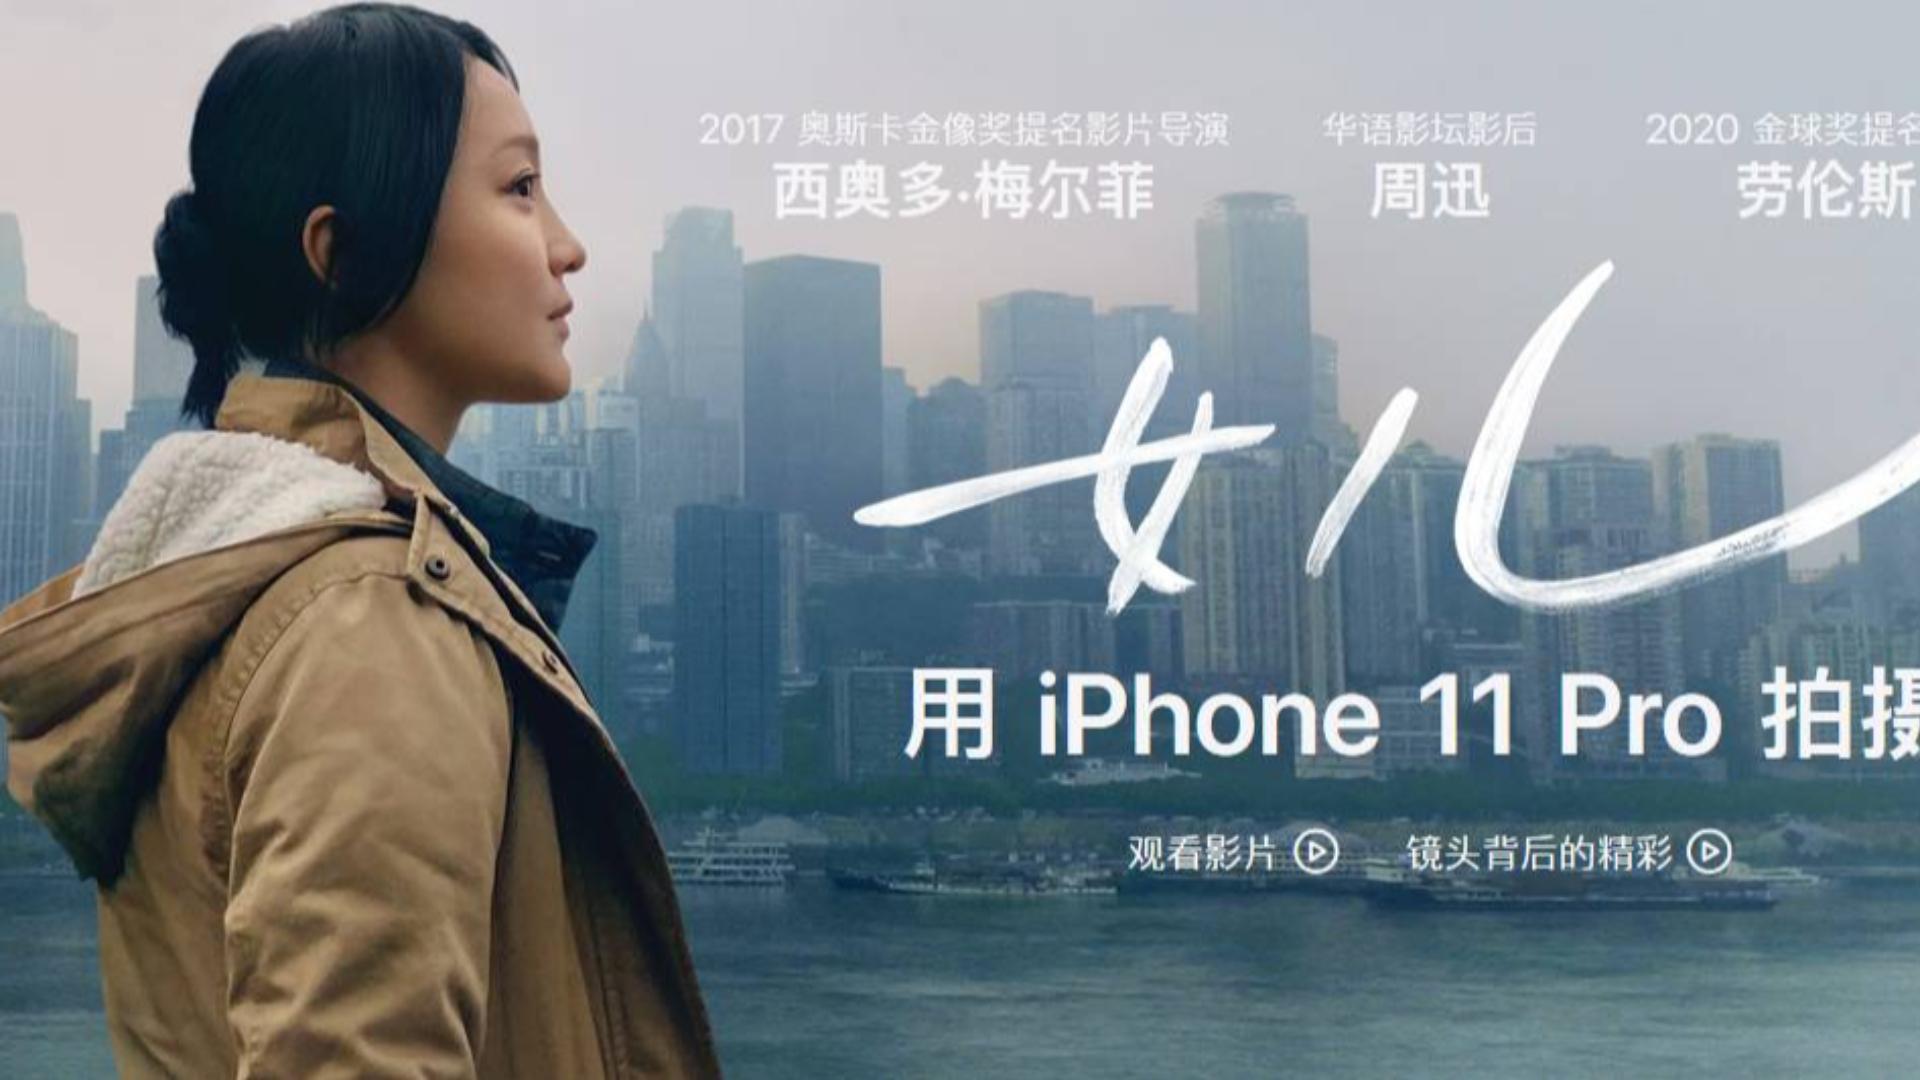 苹果2020年贺岁宣传短片又来了,这一次你还会感动哭吗?